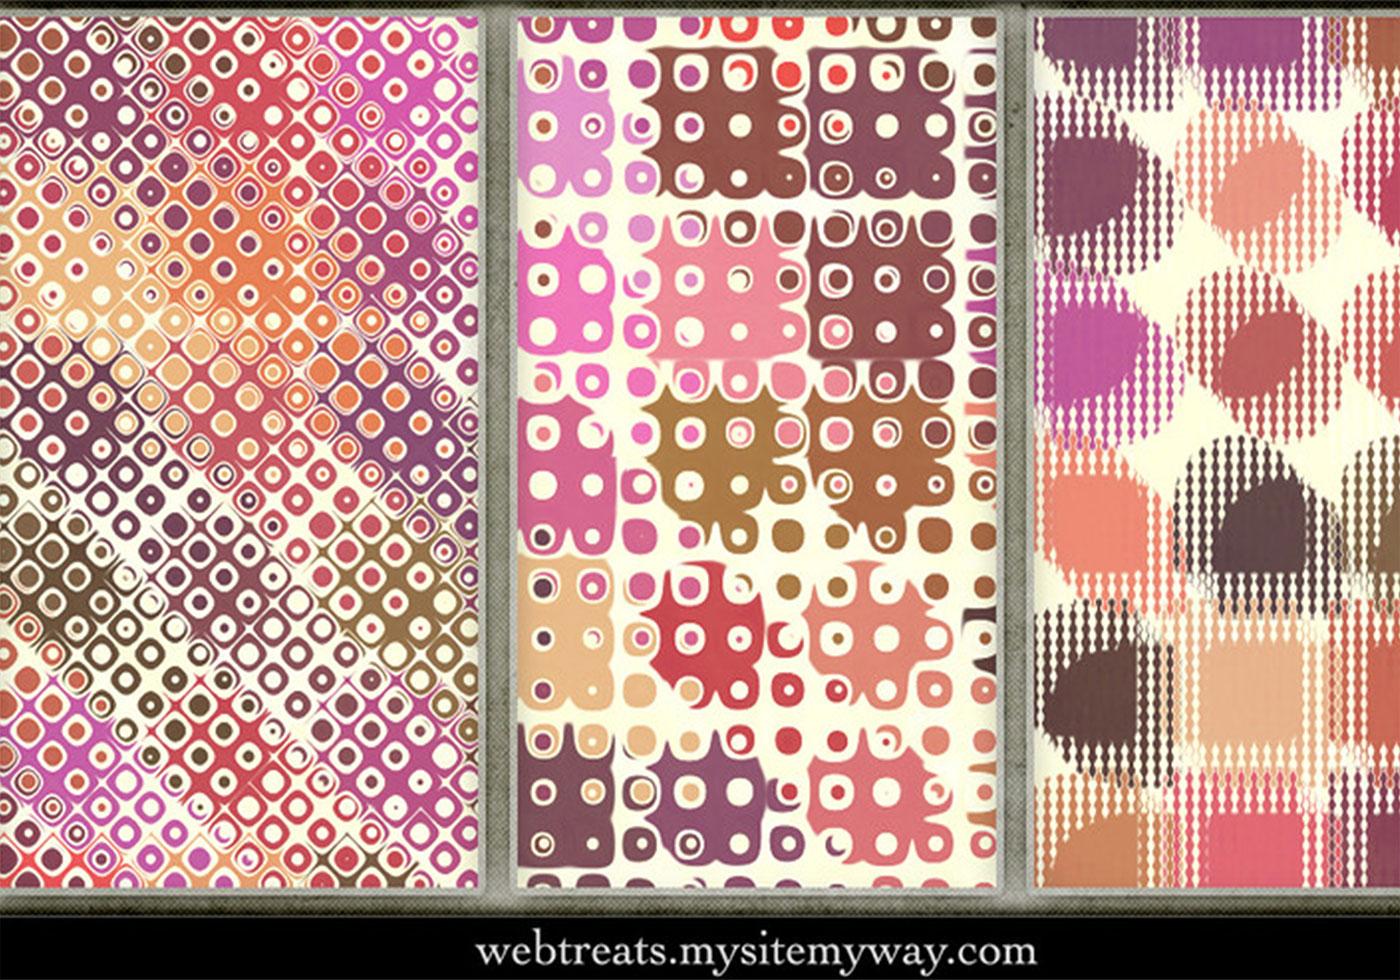 Playful-seamless-retro-patterns